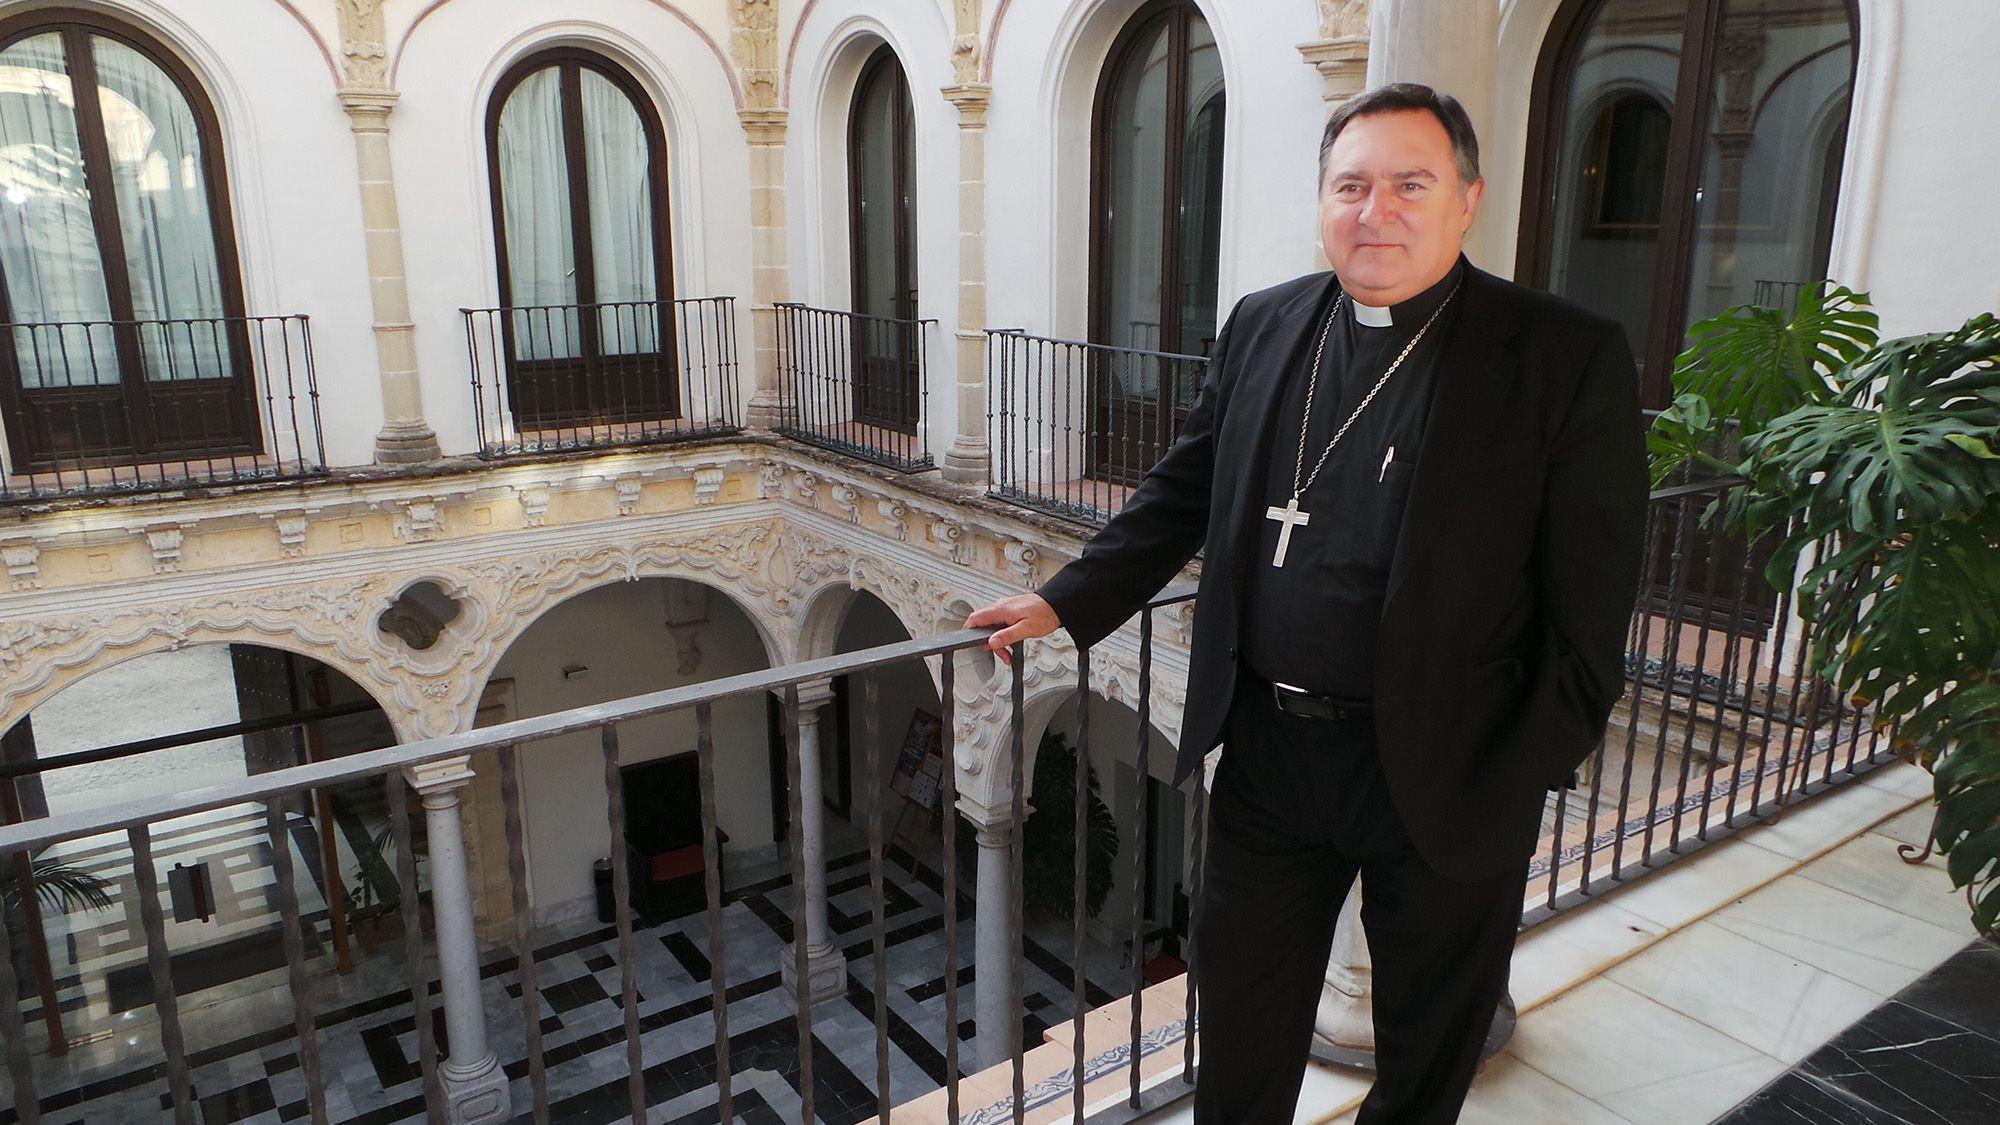 Jose Mazuelos, Obispo de Asidonia-Jerez, OCT 2015 | MIRA Comunicación